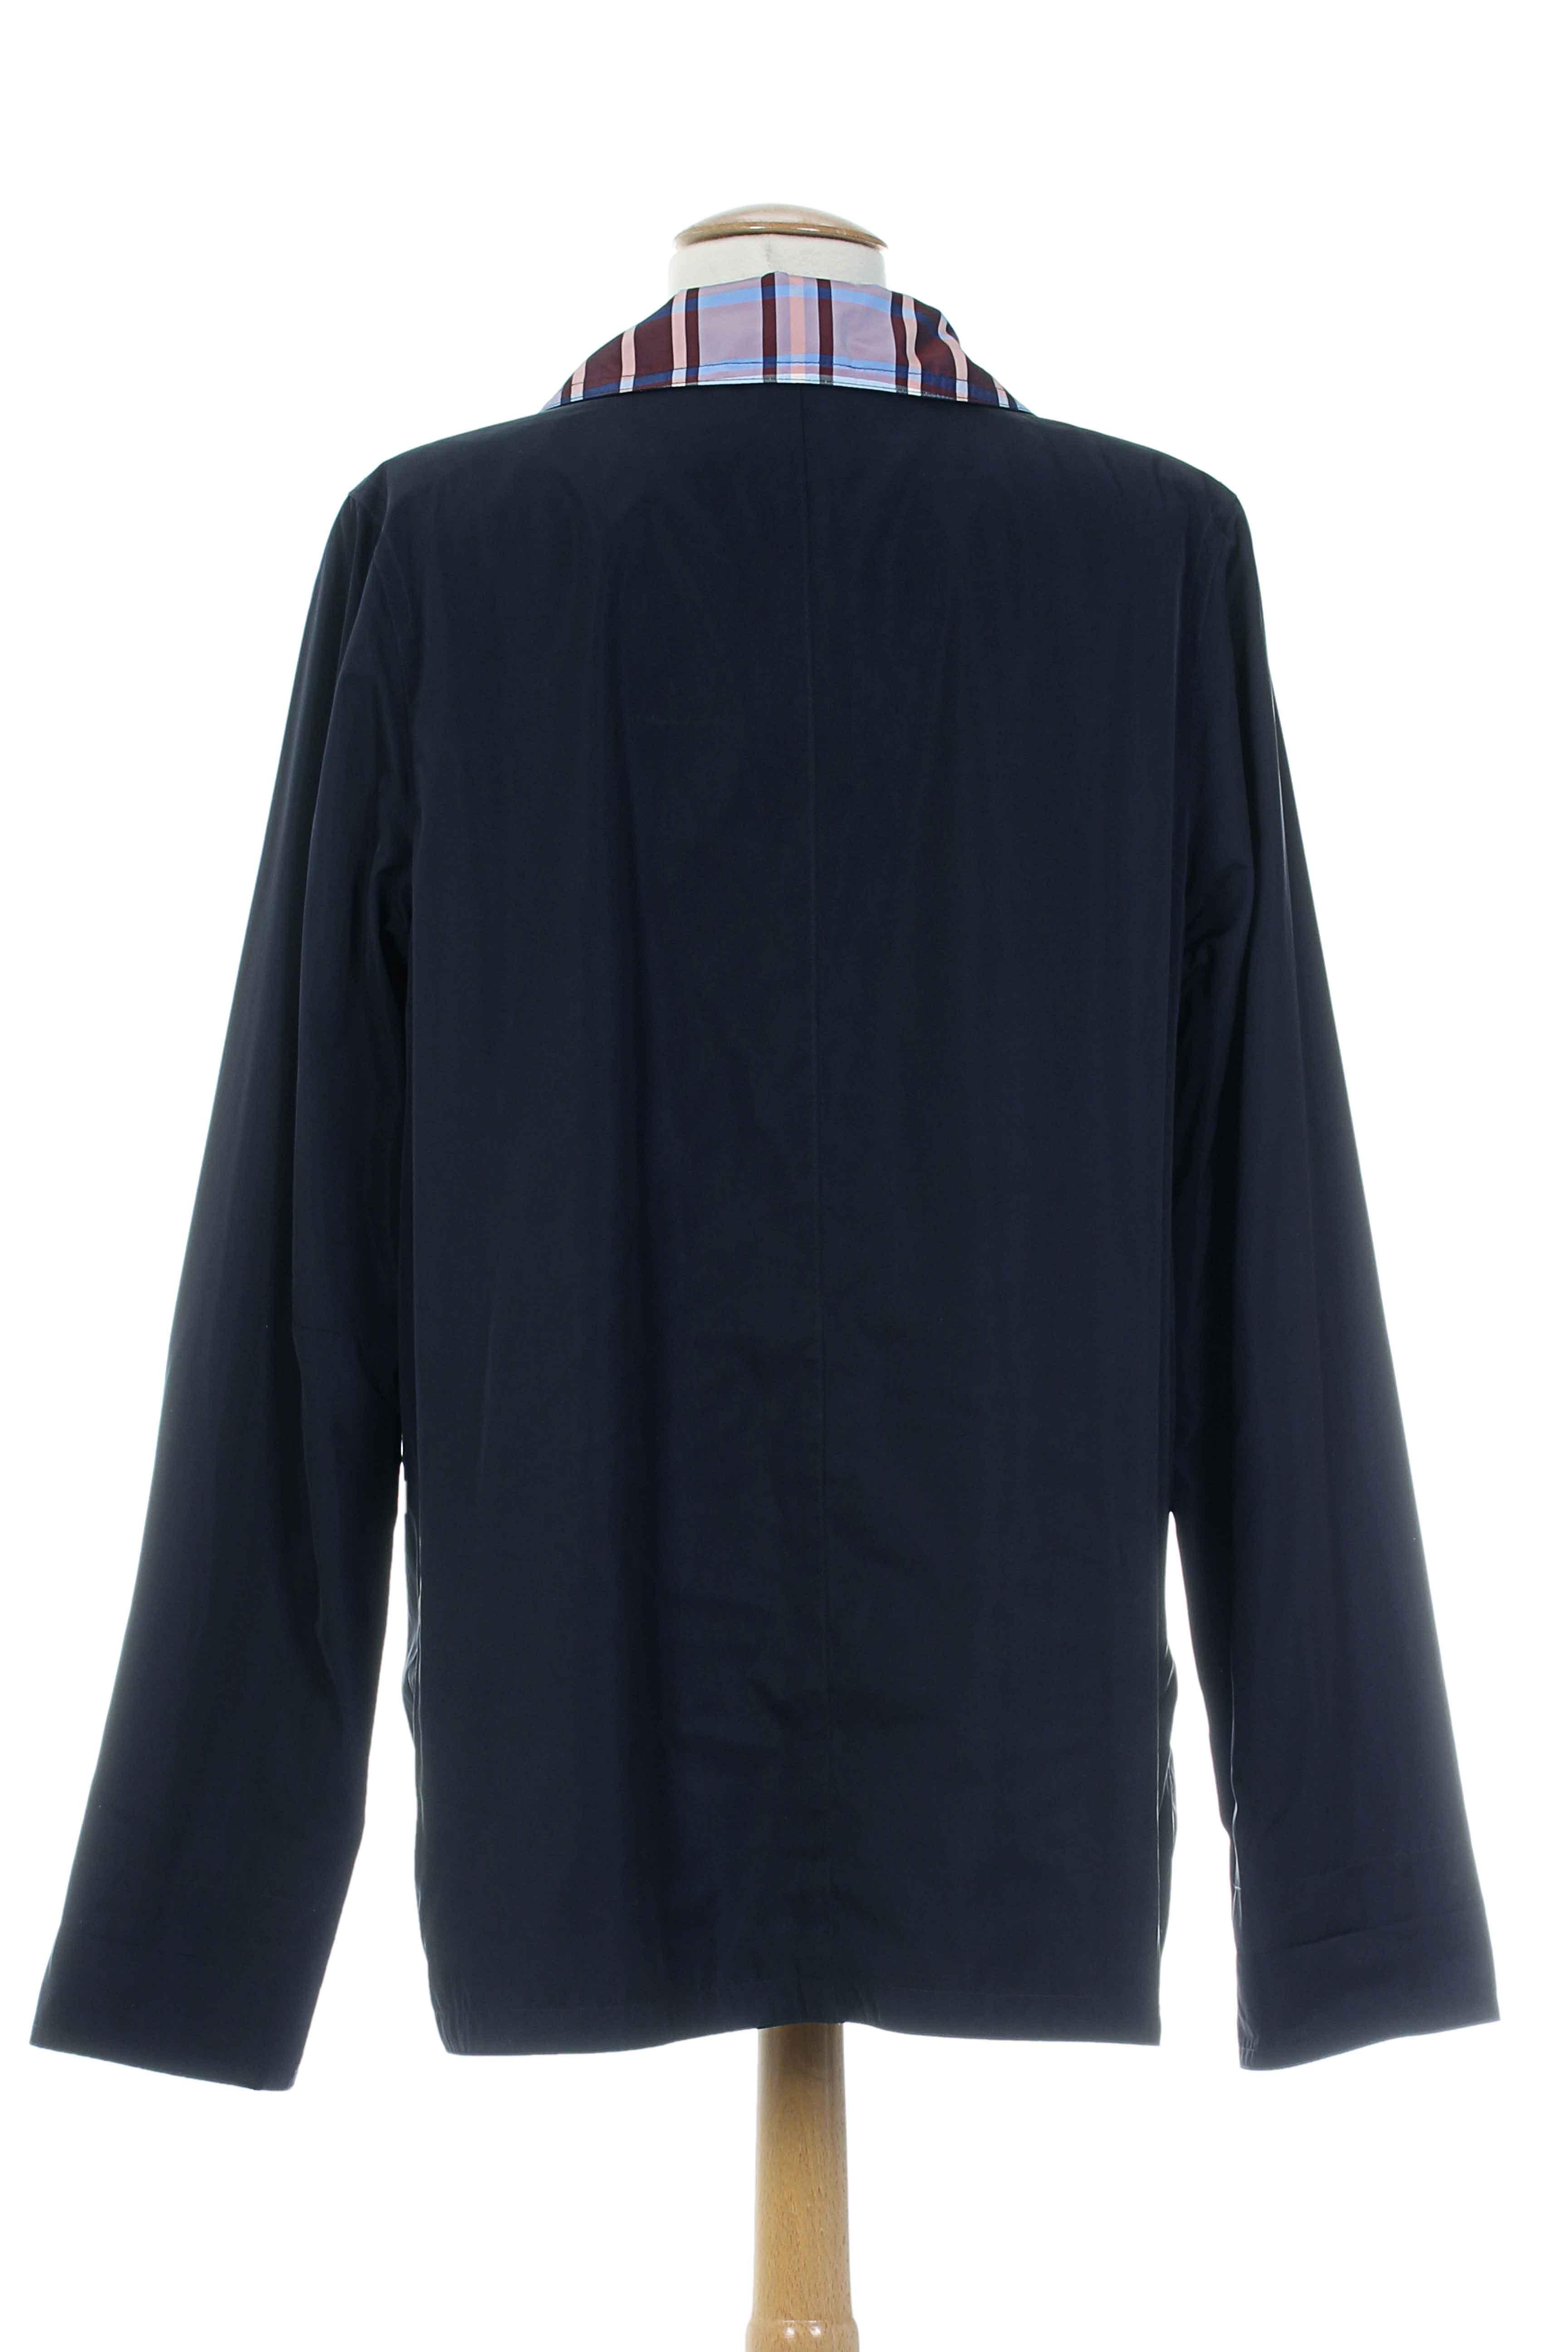 Baronia Soldes Trenchs Impermeables Femme De Pas Couleur Bleu En 1a1frwq